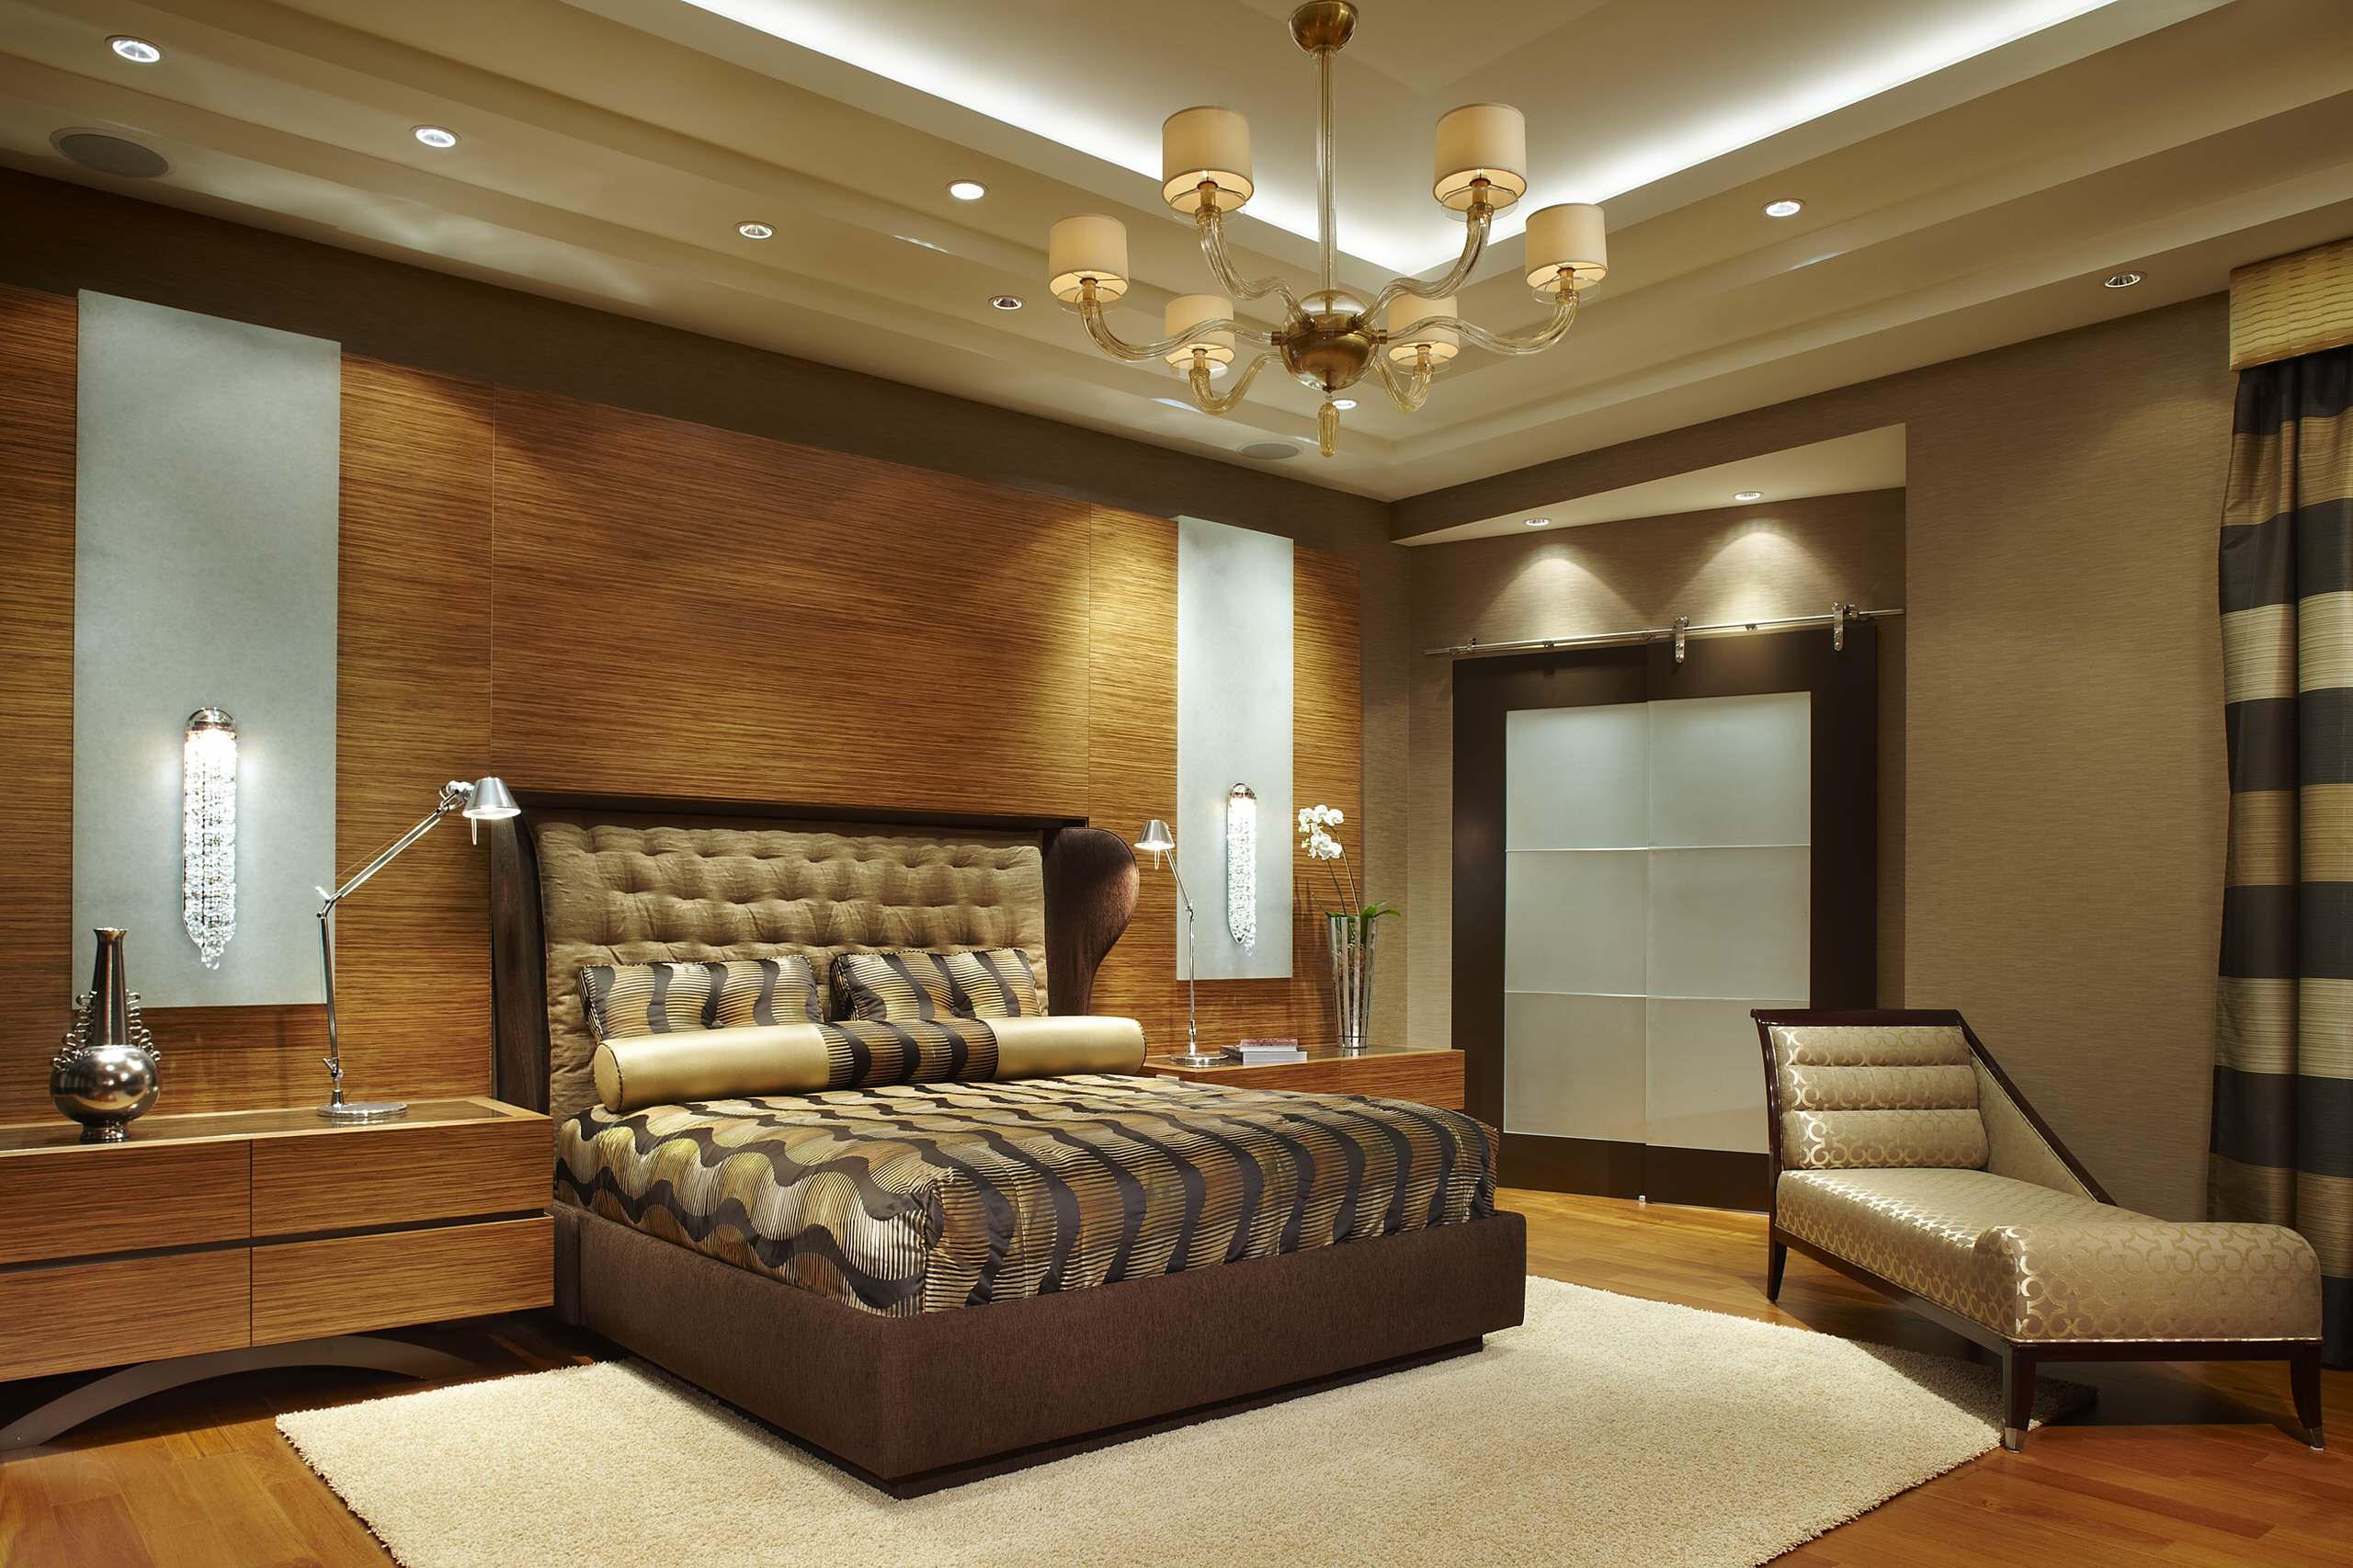 Sanca De Gesso 69 Modelos Para Deixar Sua Casa Sofisticada ~ Teto Rebaixado De Gesso Para Quarto